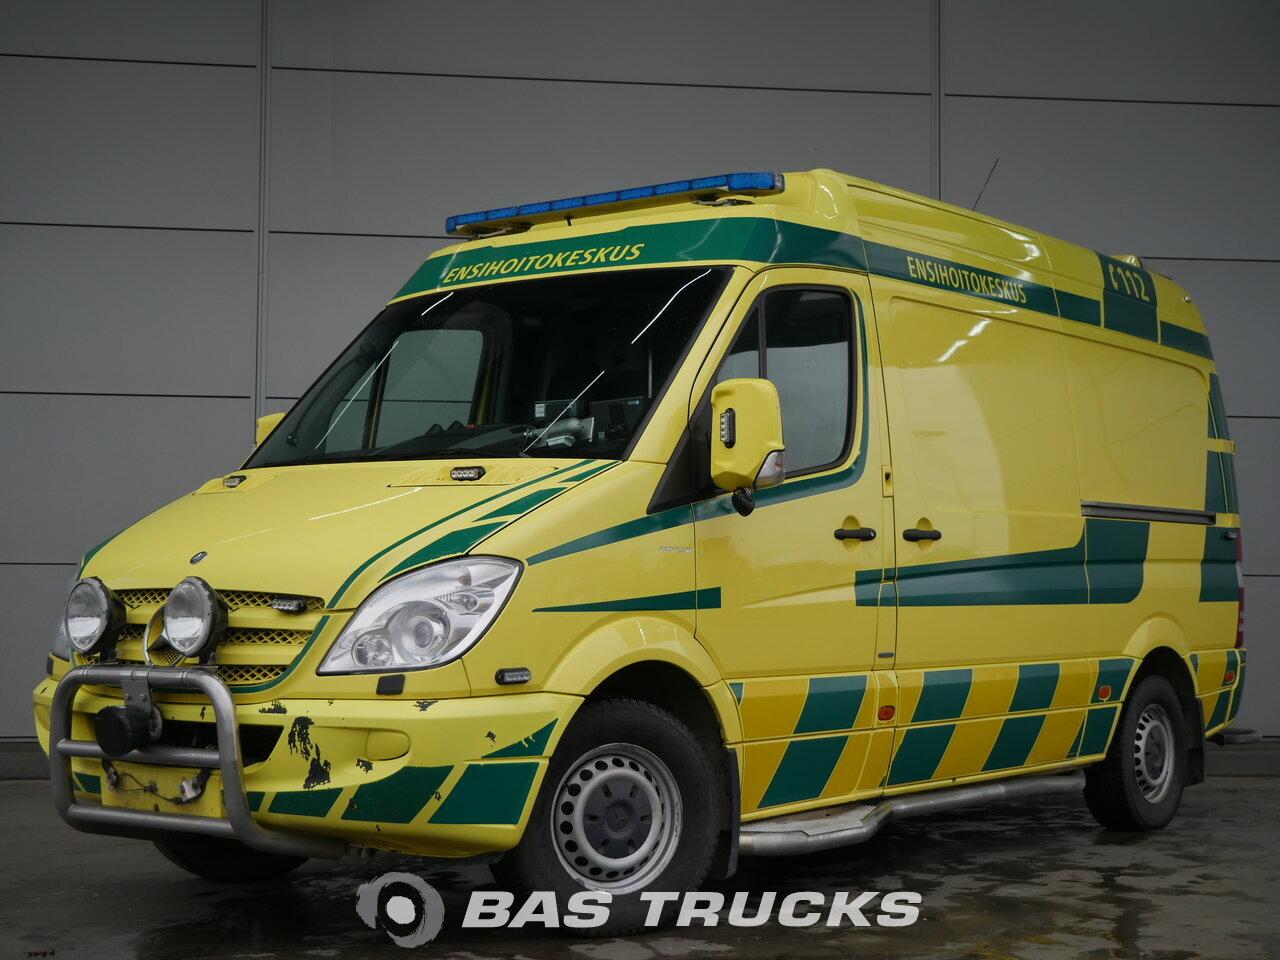 mercedes sprinter leichte nutzfahrzeuge 15900 bas trucks. Black Bedroom Furniture Sets. Home Design Ideas